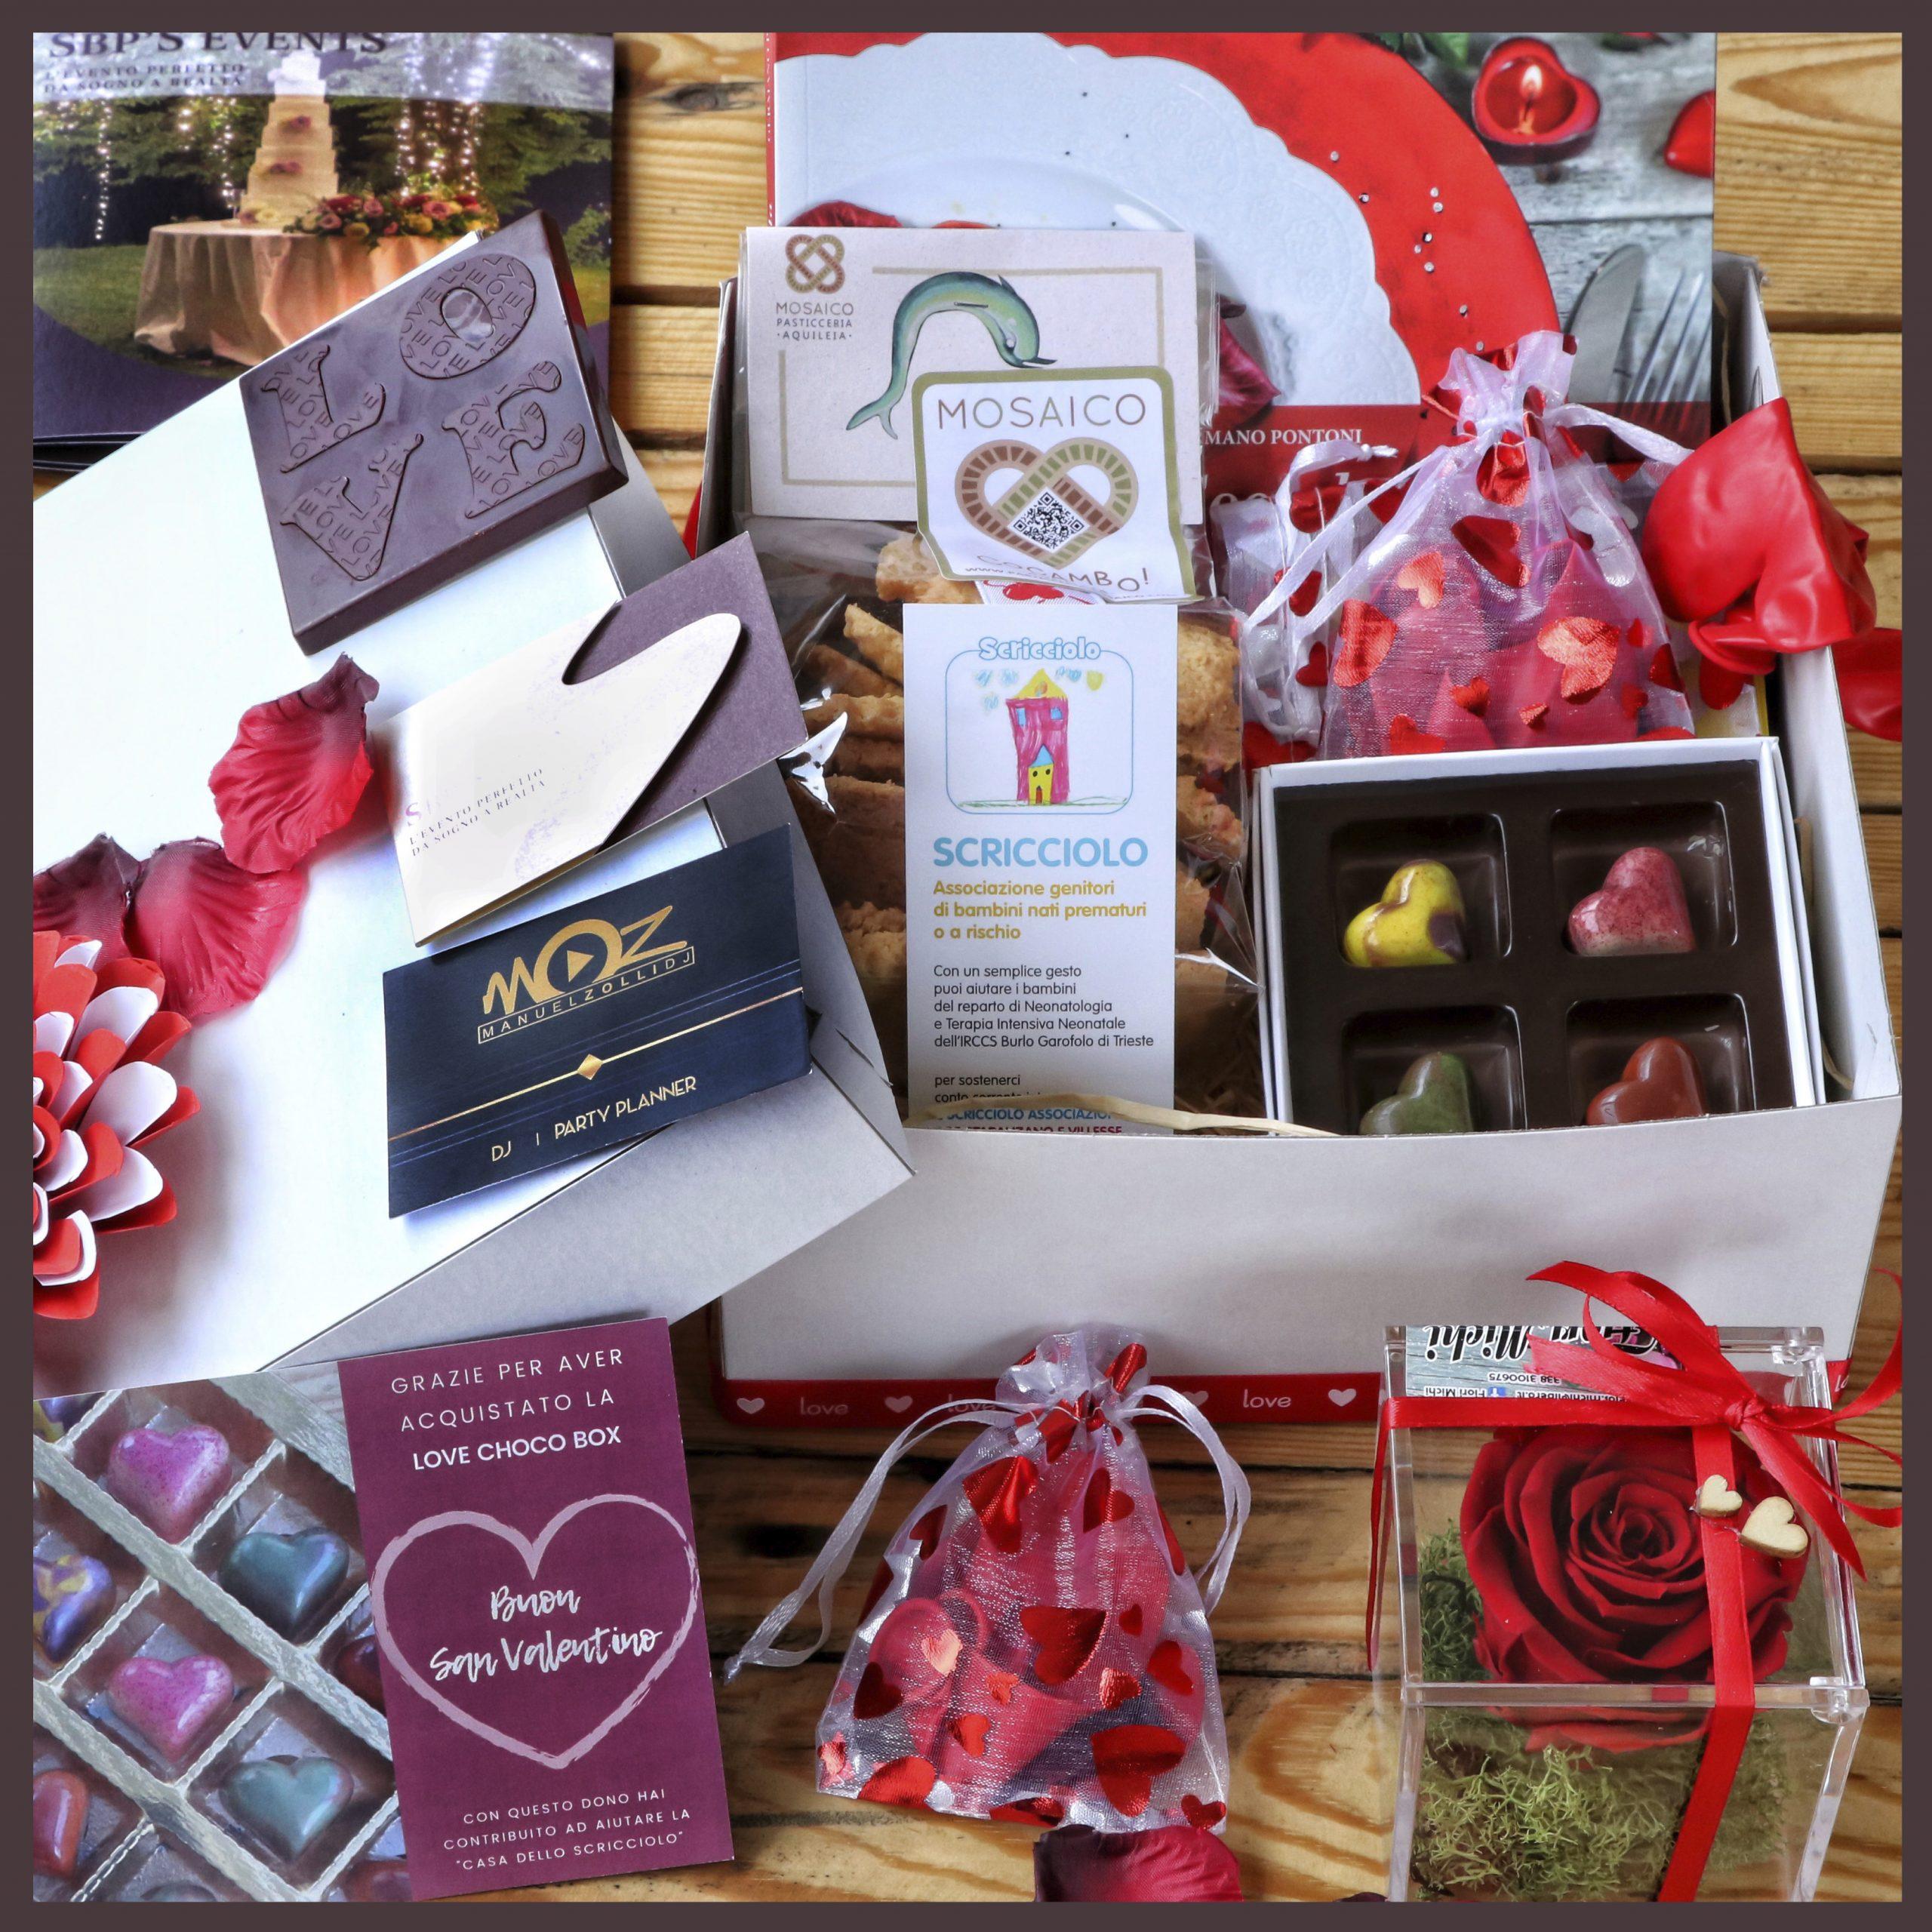 Love Choco Box Limited Edition: il regalo perfetto per San Valentino